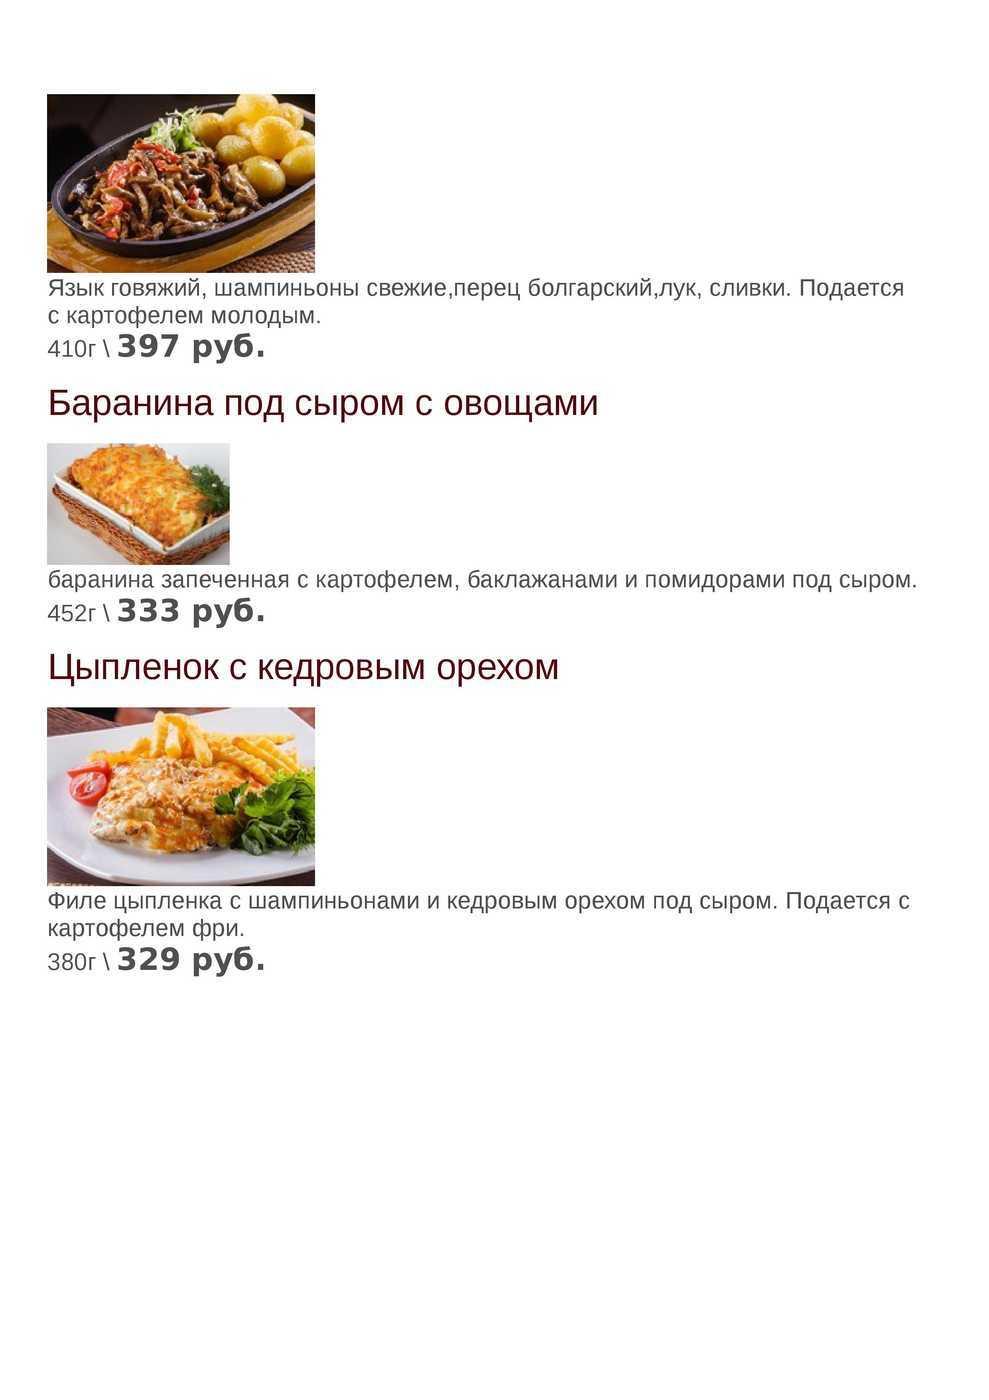 Меню кафе Ермак на проспекте имени газеты Красноярский Рабочий фото 18